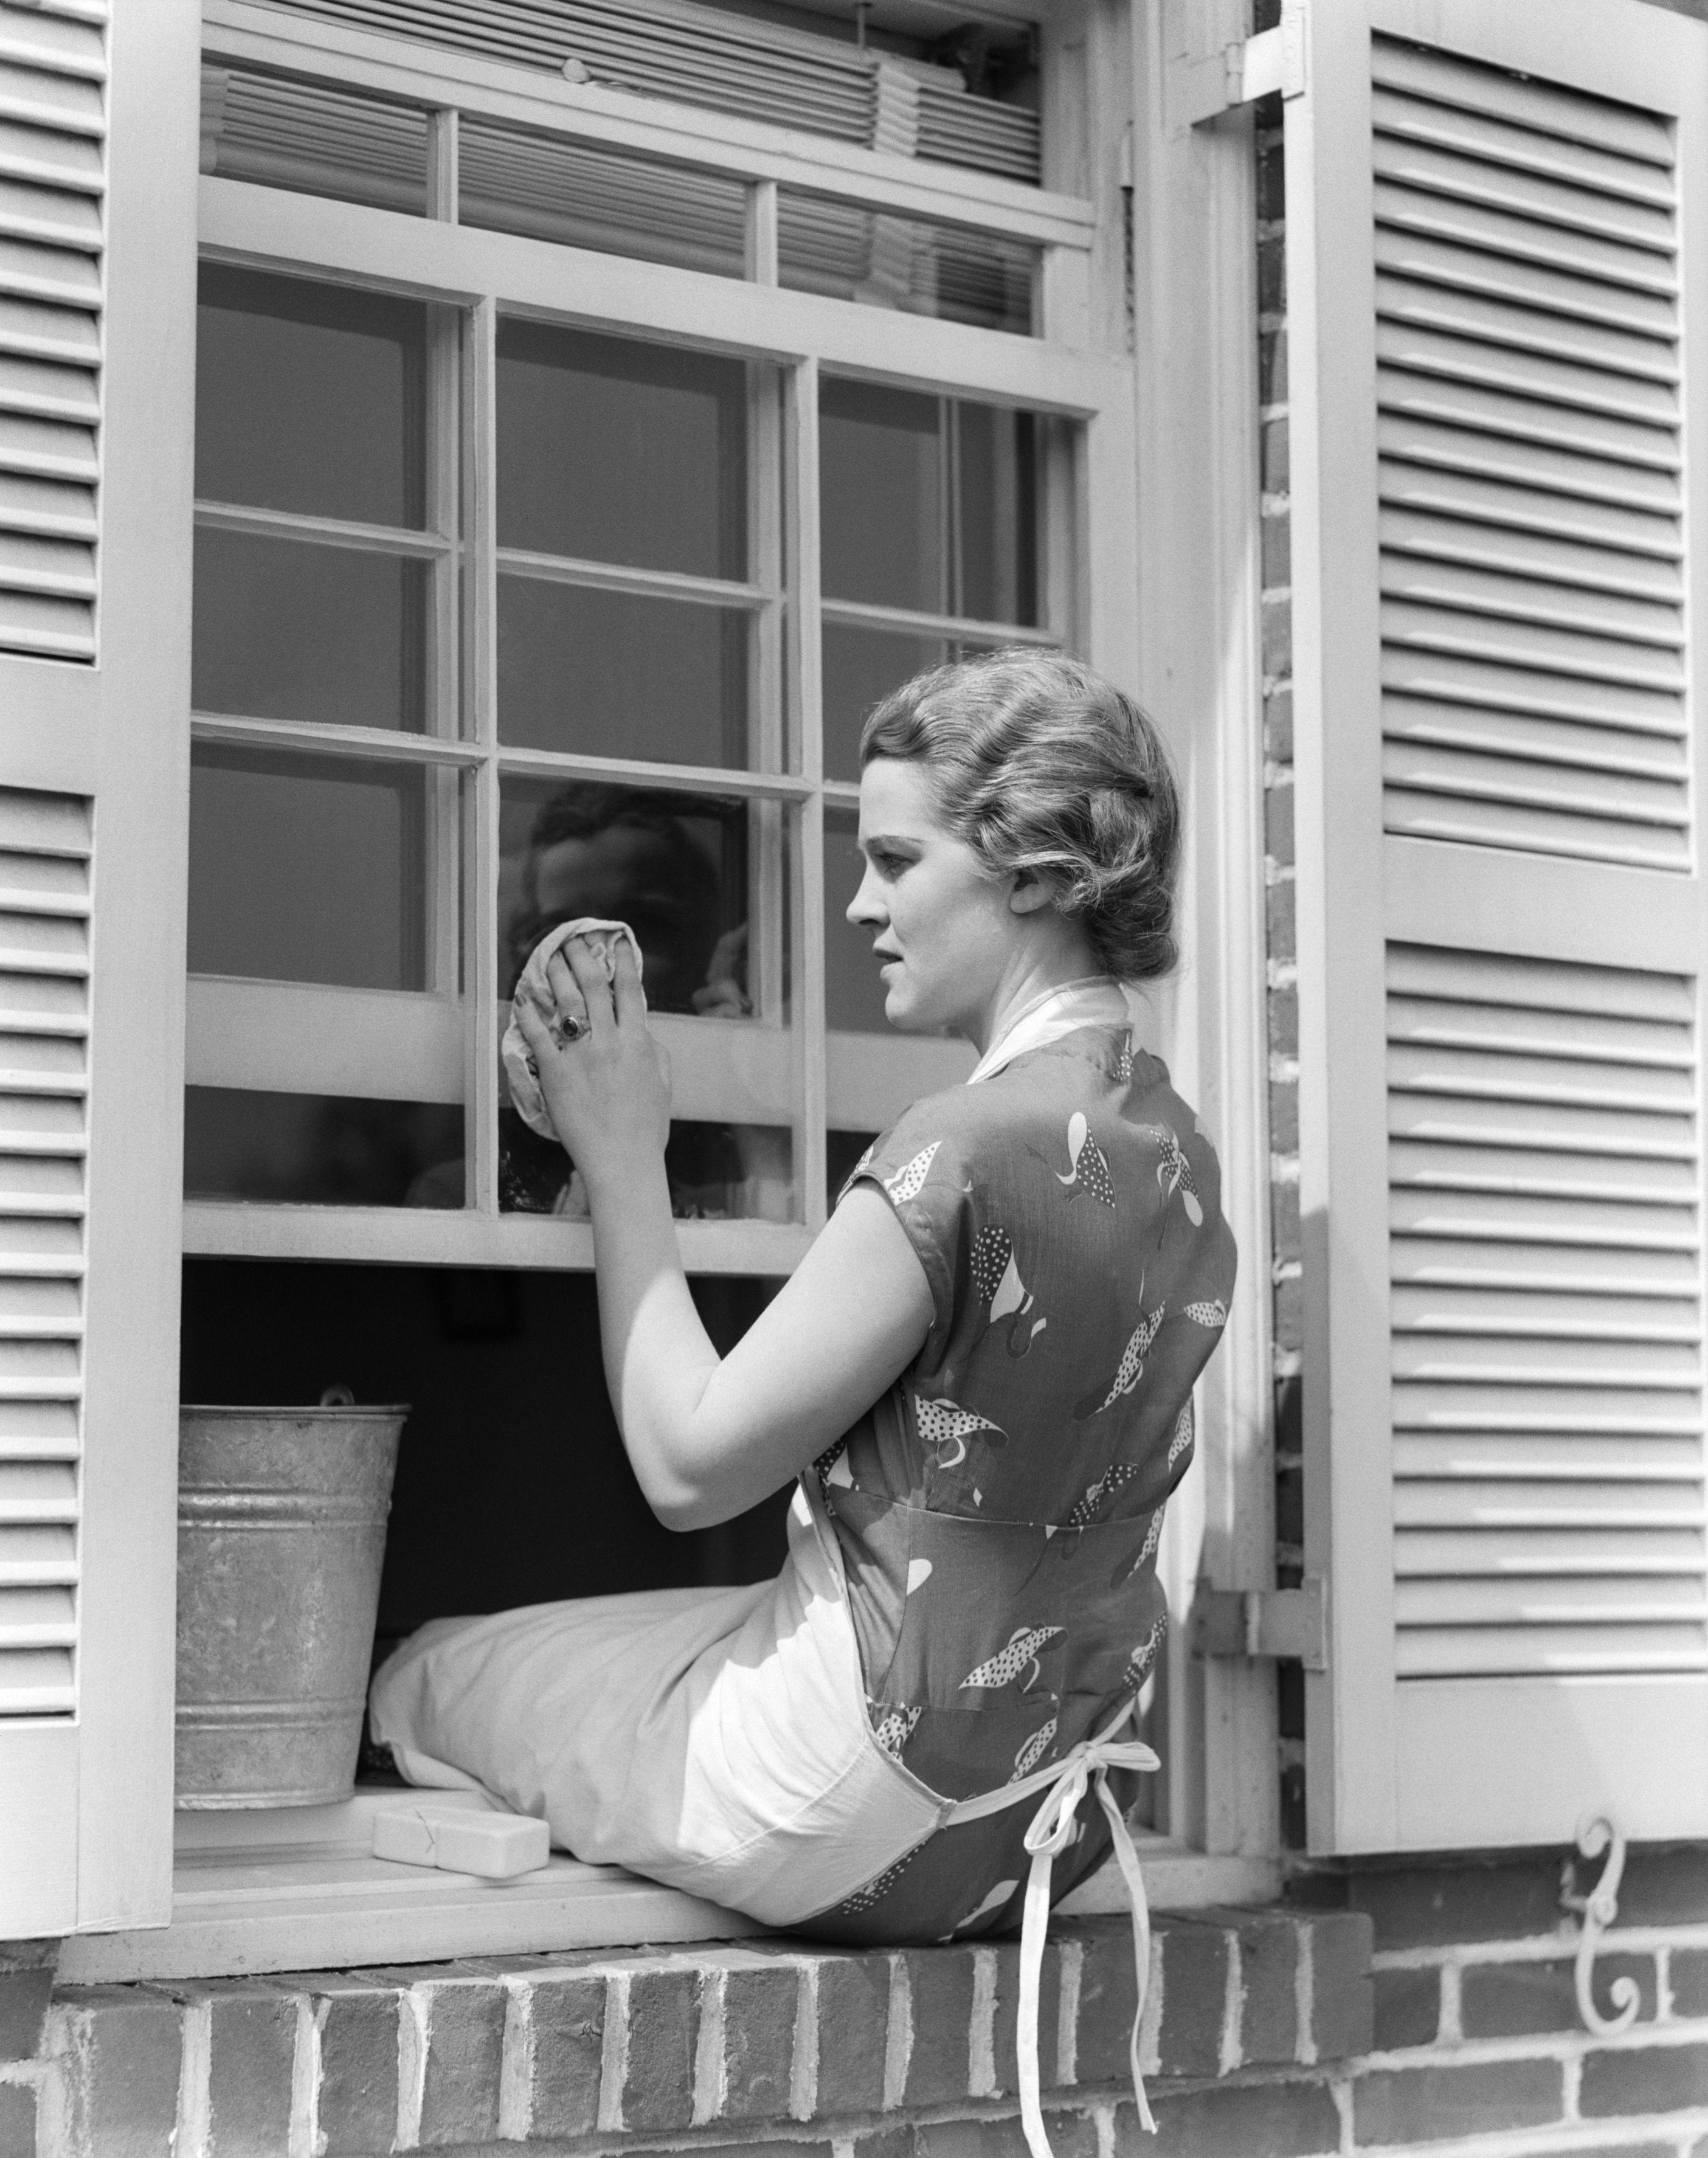 Window Washing Reinigungstipps Fenster Putzen Hausfrau